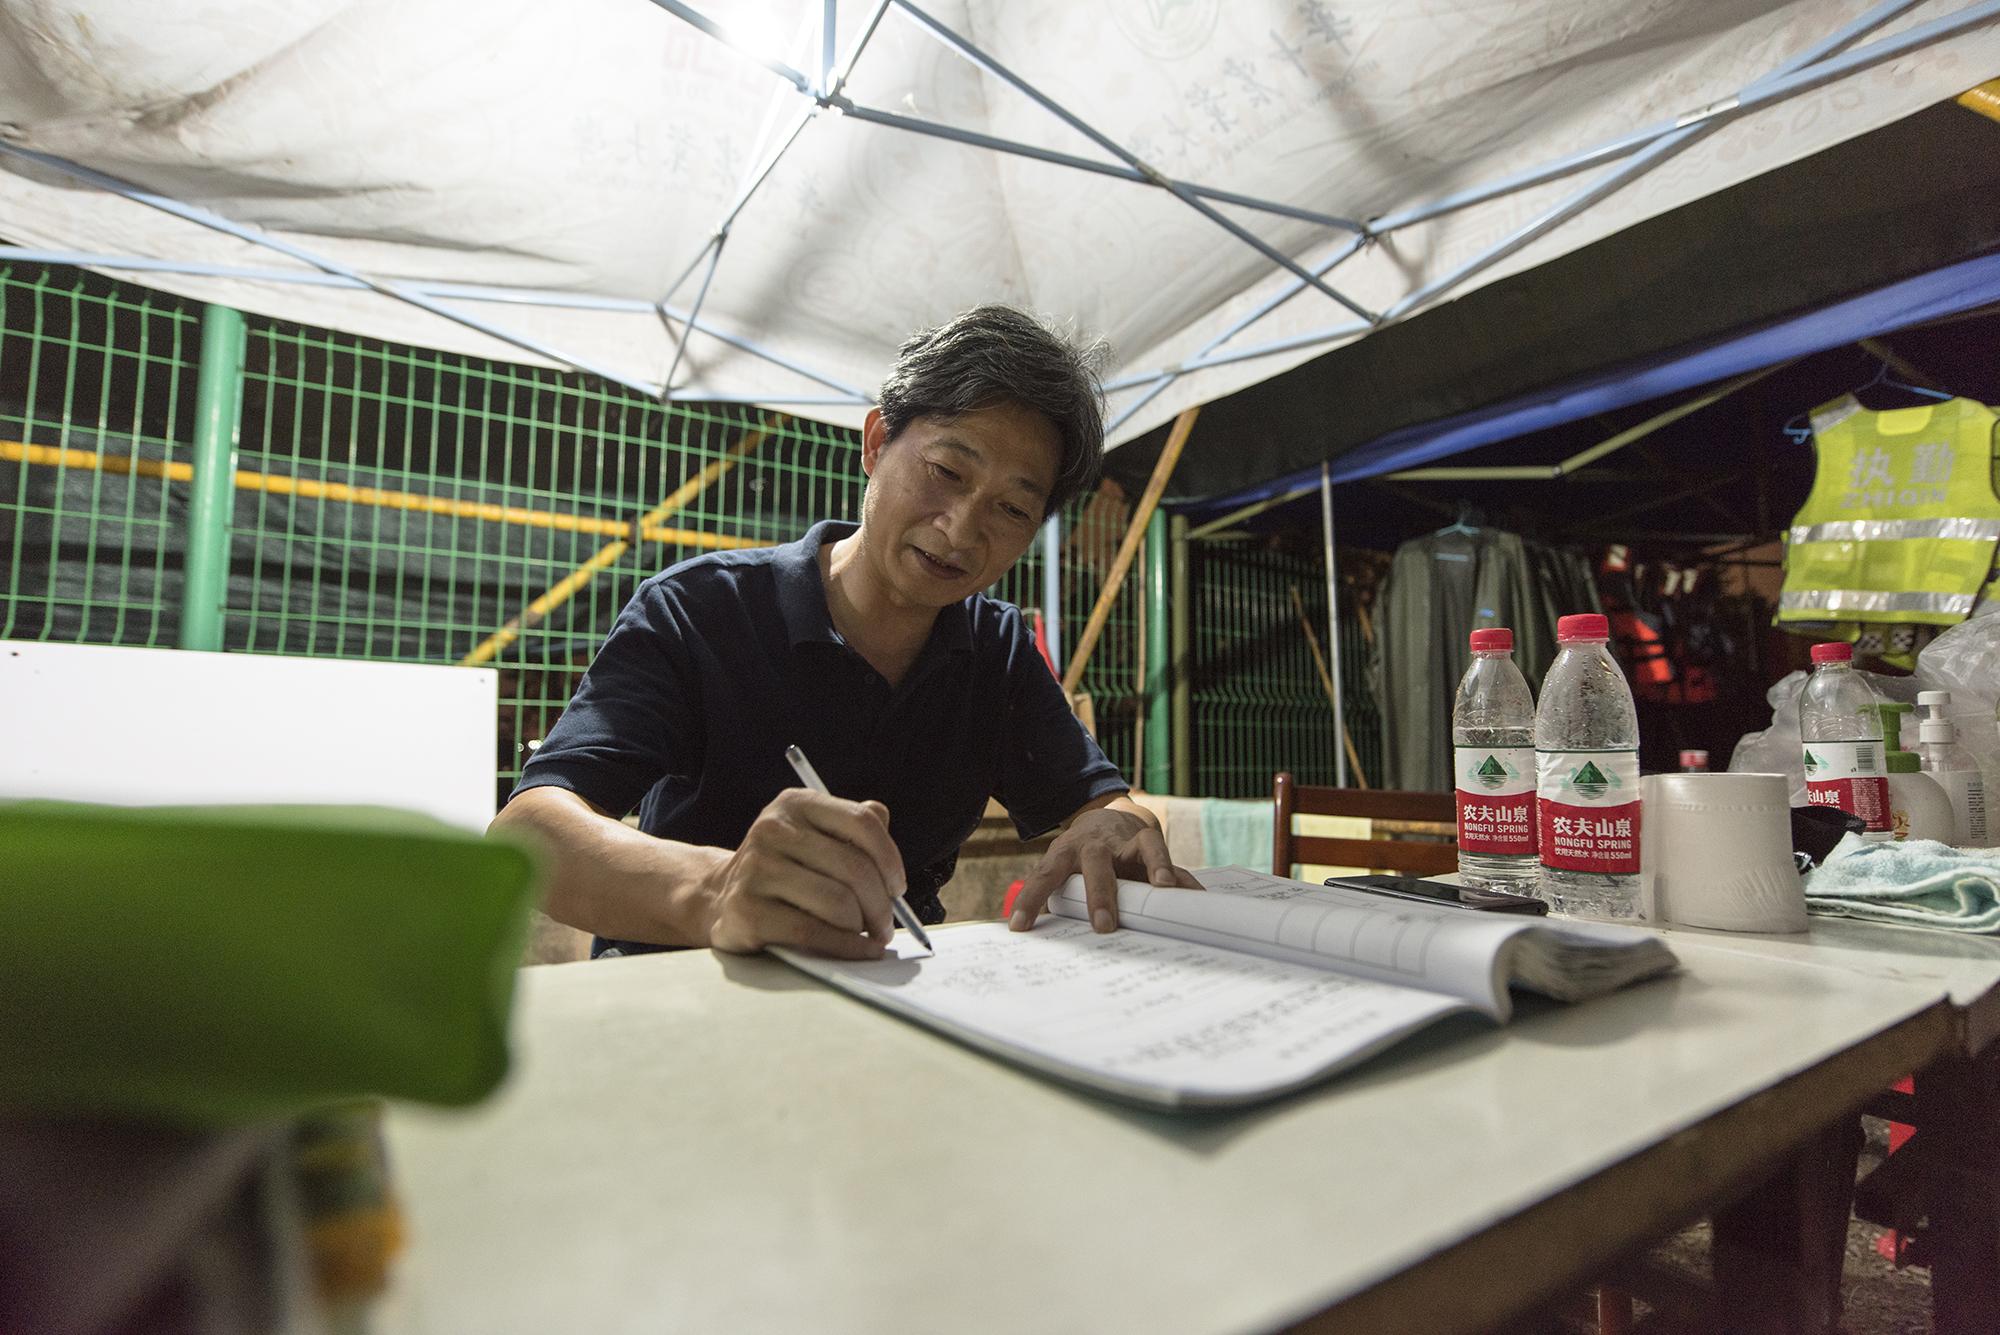 校党委书记高翅检查巡防日志并在日志上签字(记者 刘涛 摄)